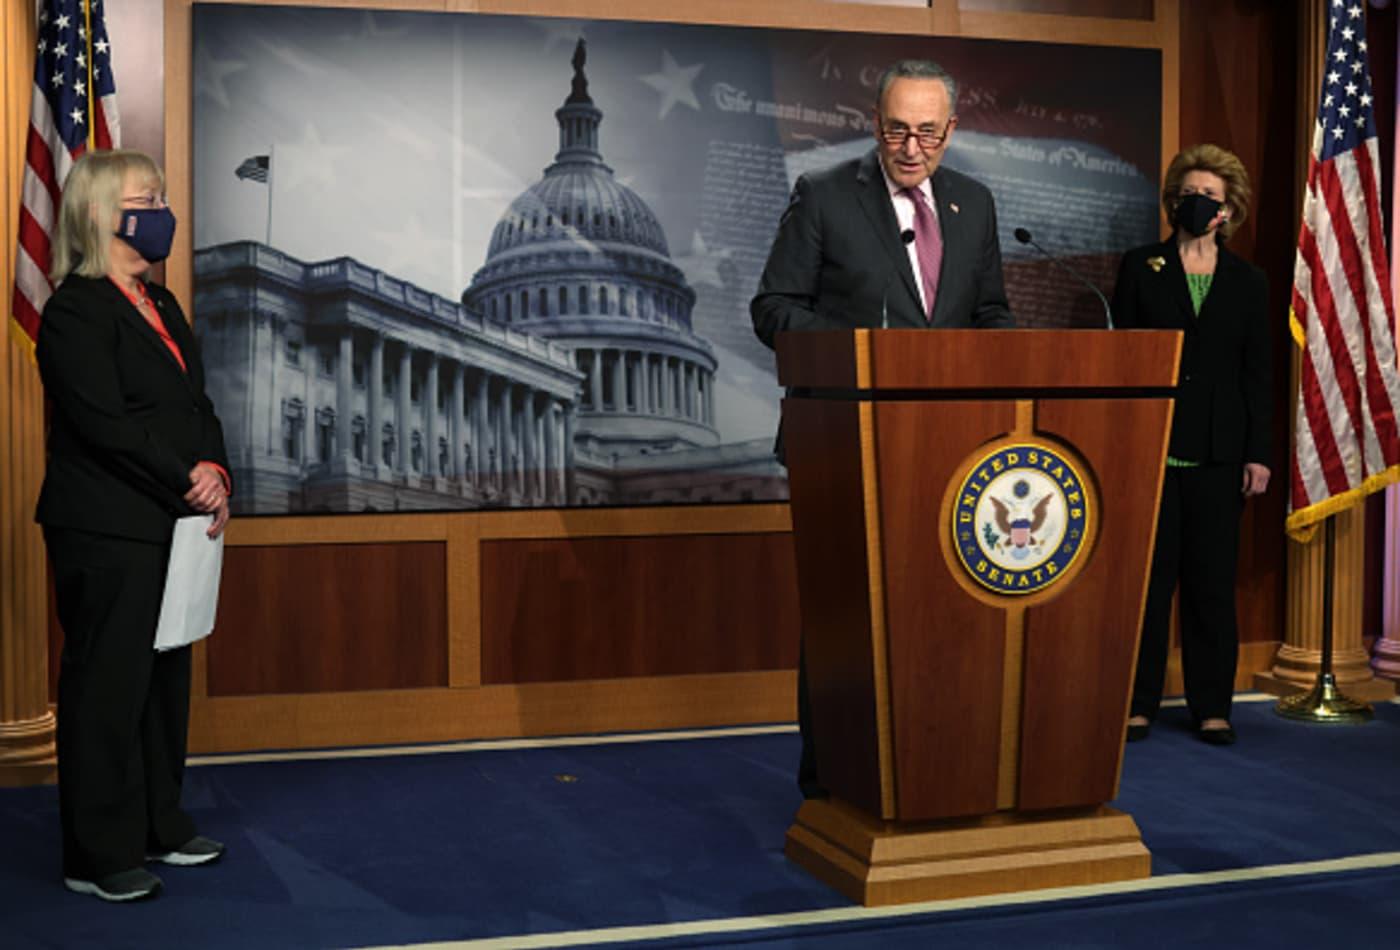 Đạo luật kích thích 1.900 tỷ USD vừa ráo mực, ông Biden tung tiếp đề xuất hạ tầng 2.000 tỷ USD - Ảnh 2.